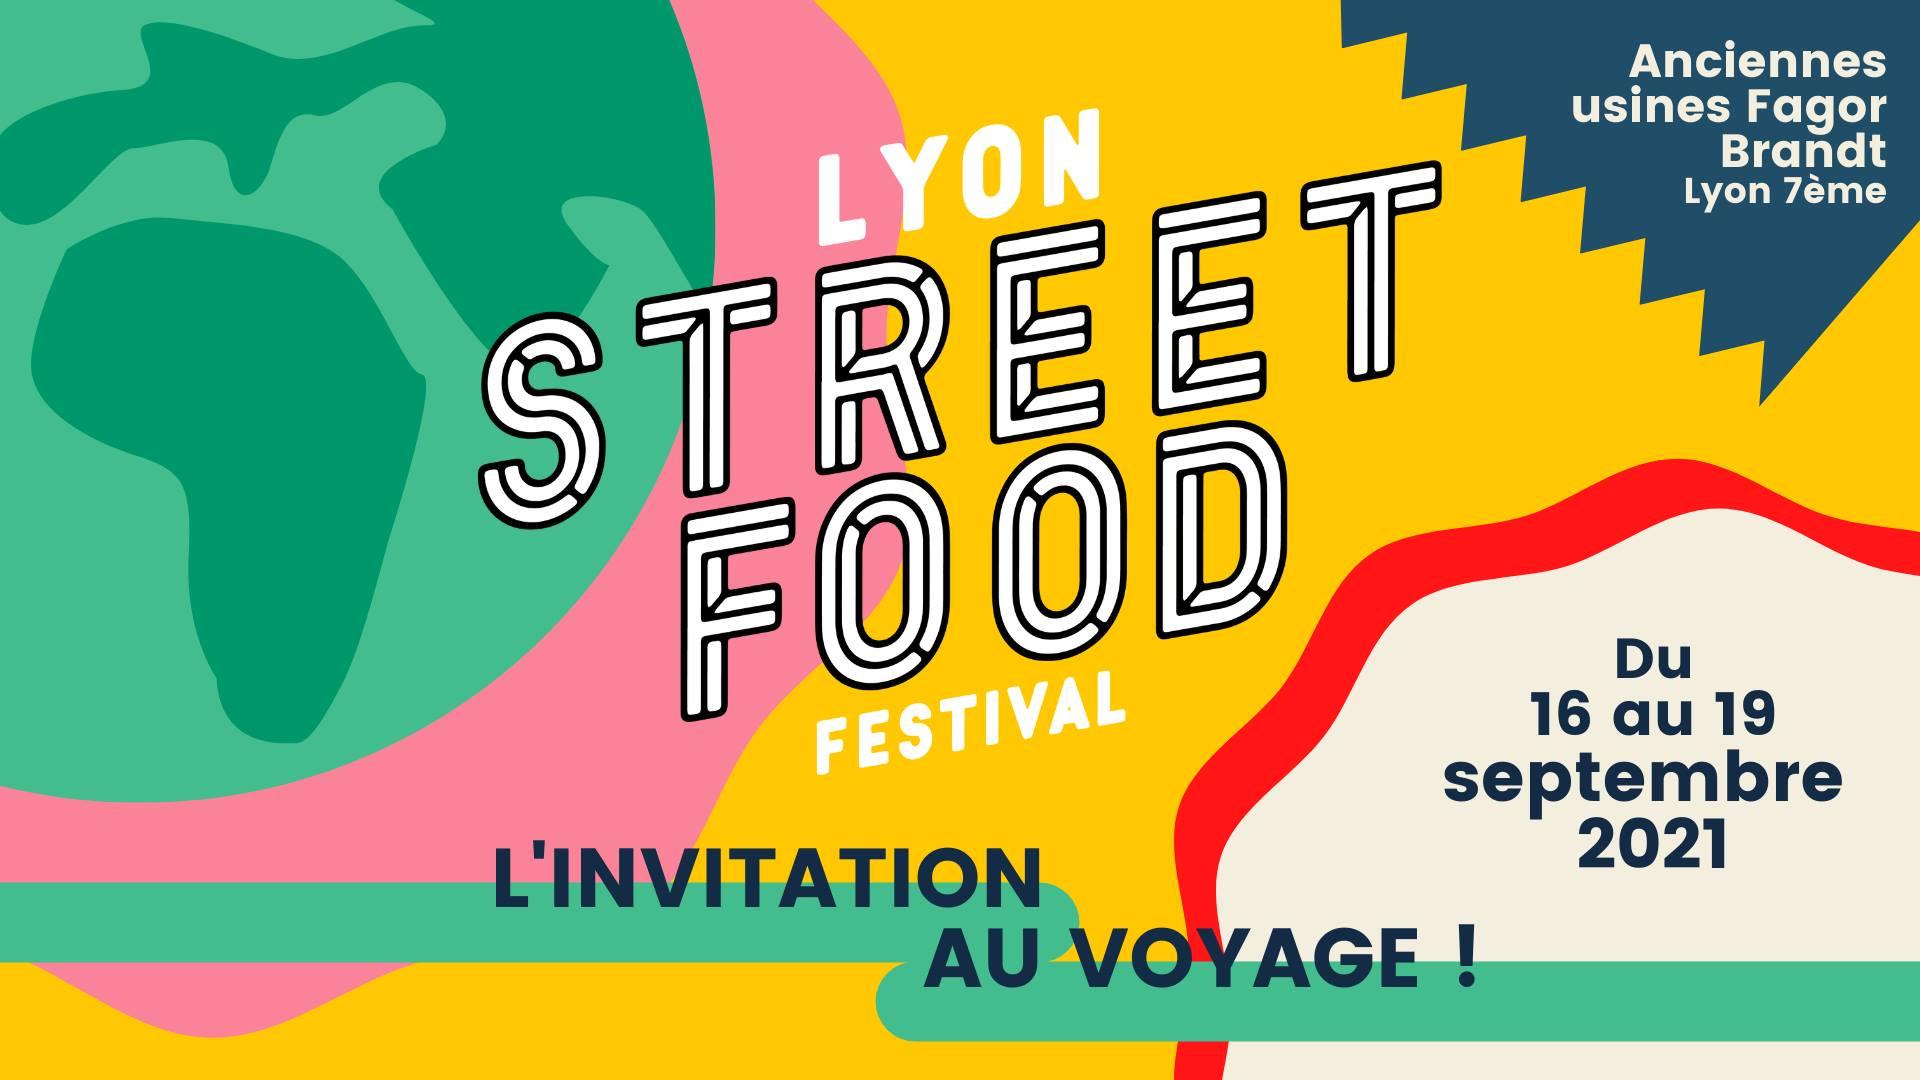 Lyon Street Food Festival 2021 - 5ième édition - du 16 au 19 septembre 2021